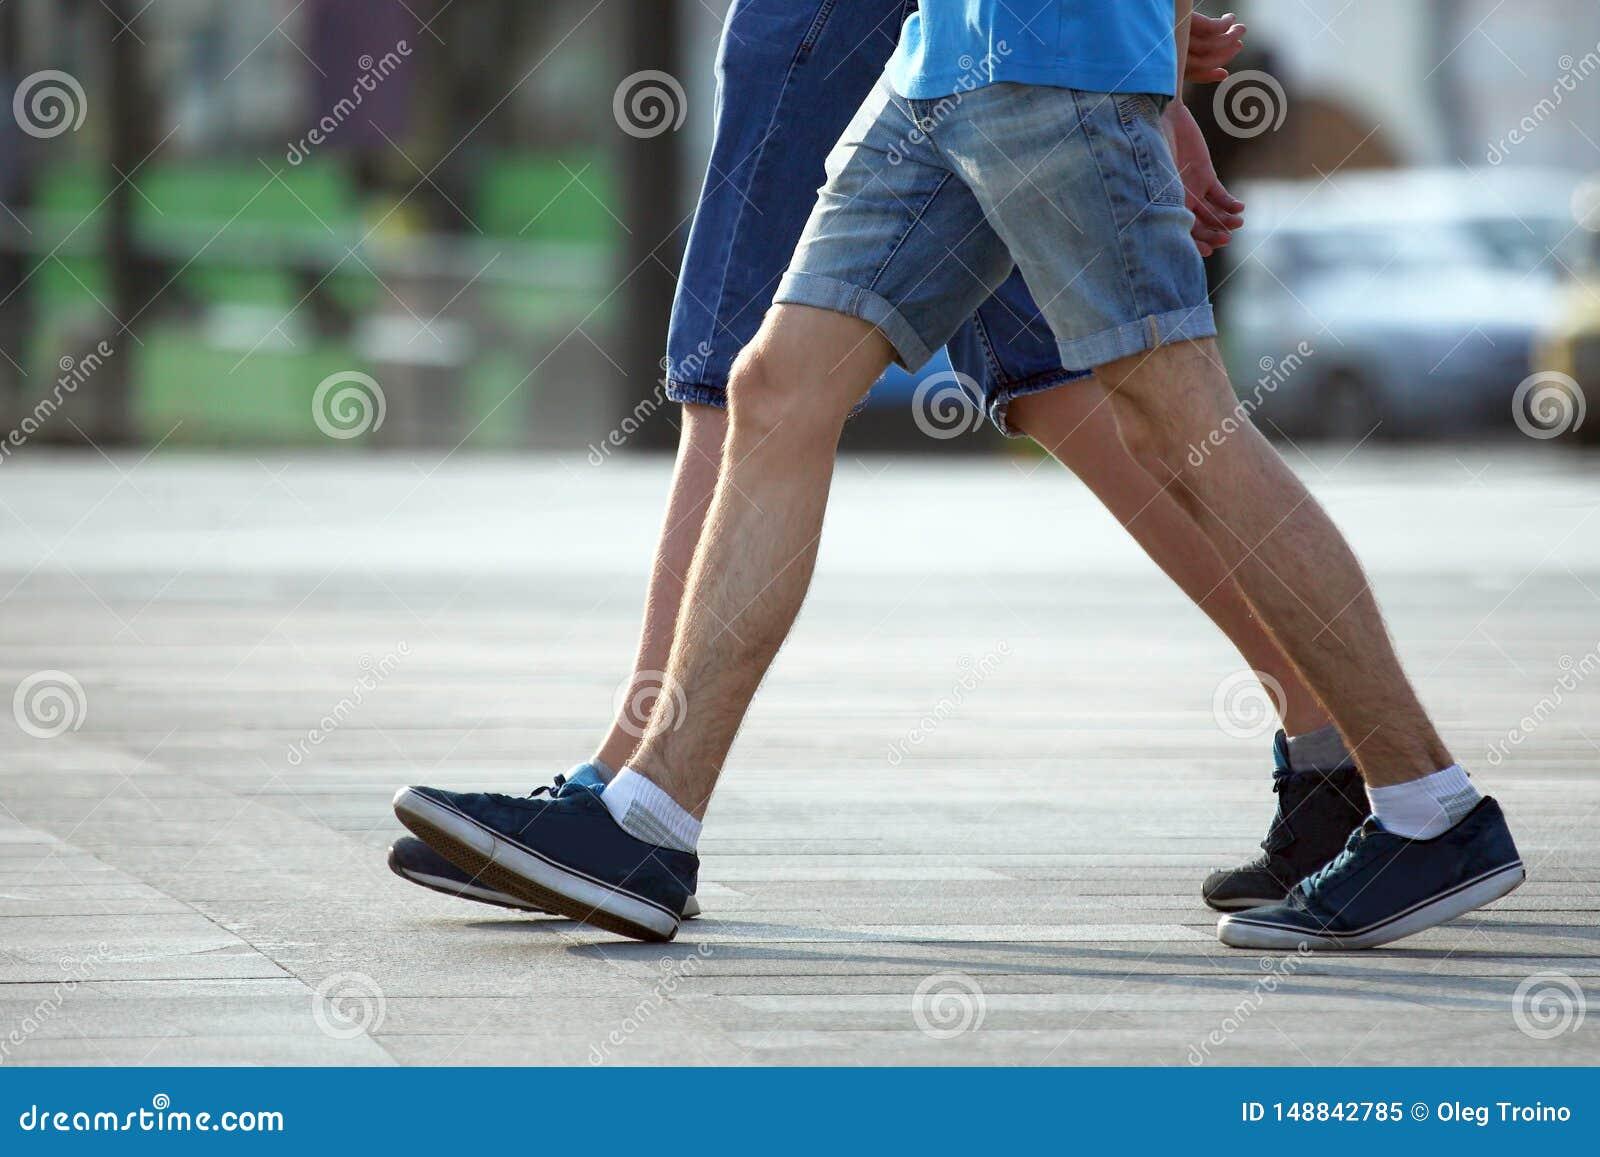 Δύο ζευγάρια των ποδιών που περπατούν μαζί τα άτομα